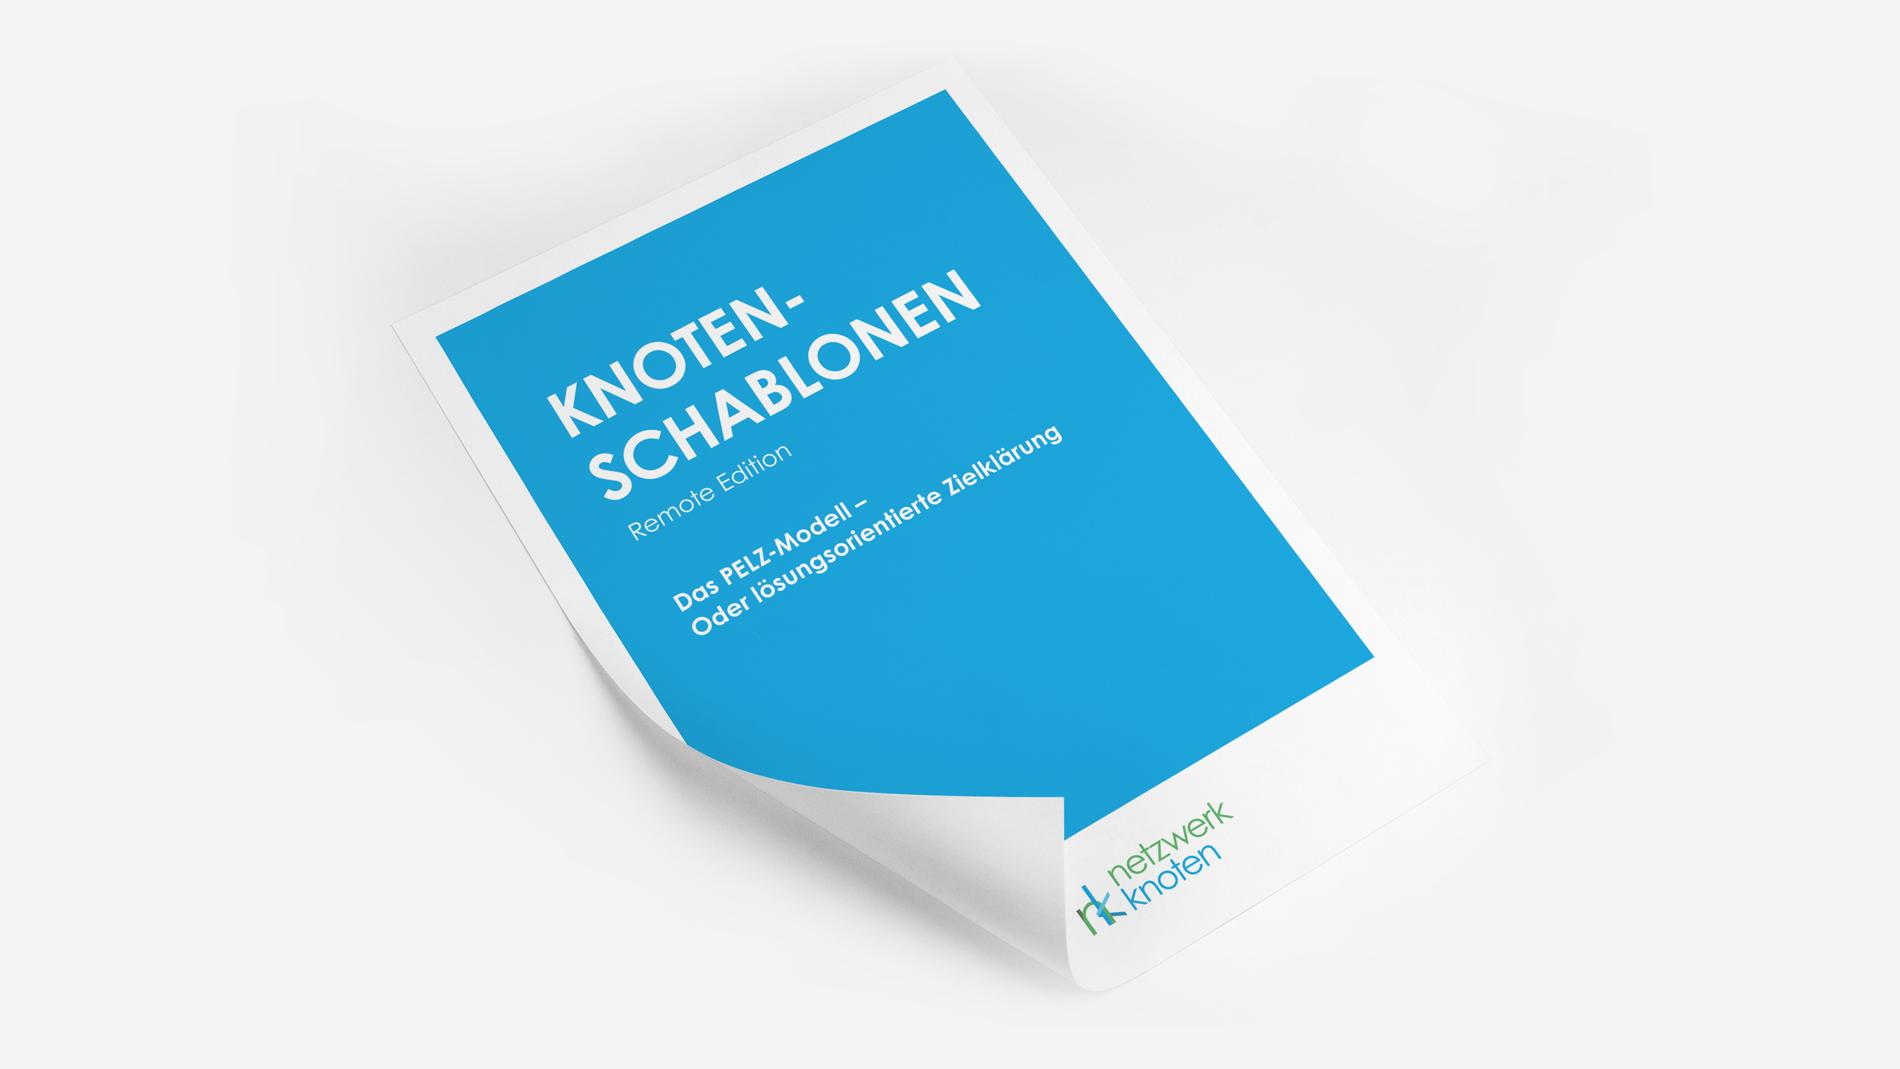 netzwerkknoten_unternehmensberatung_berlin_knotenschoten_pelz_modell